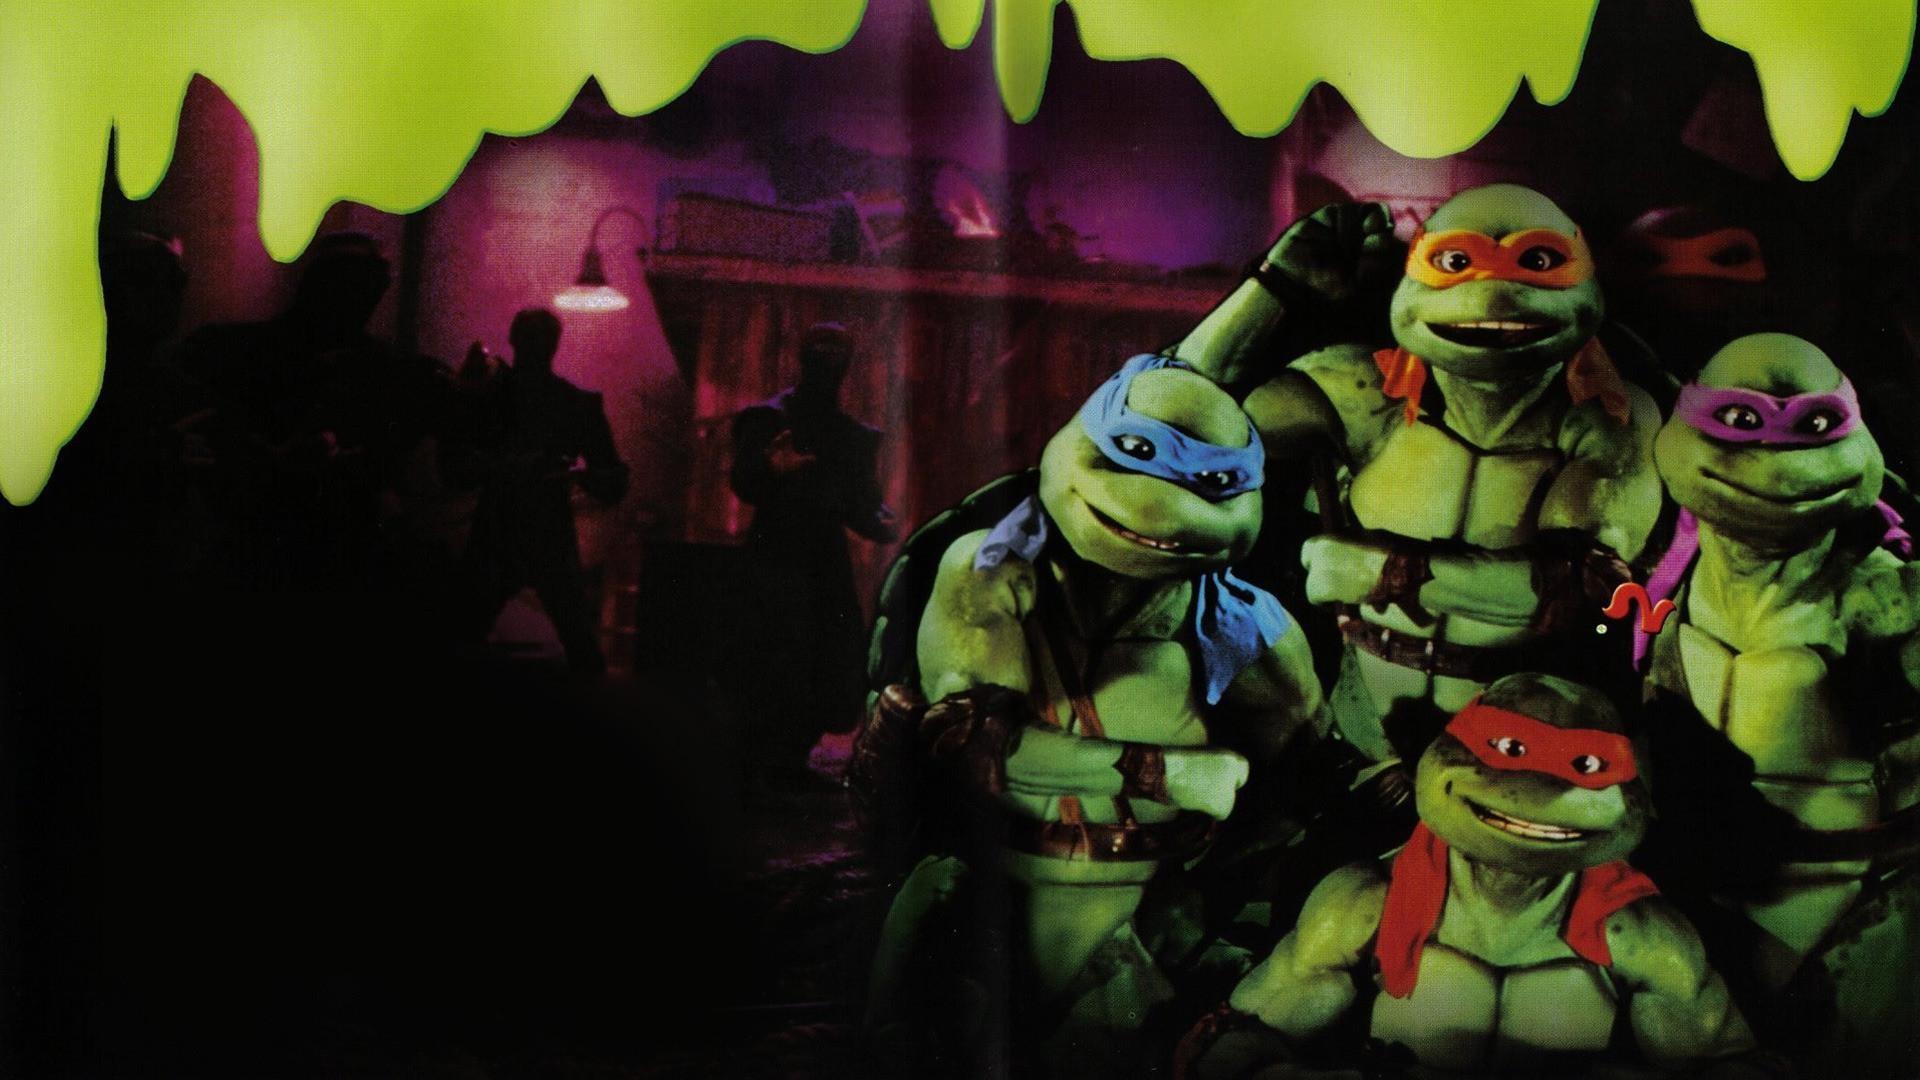 Classic Ninja Turtles … via image